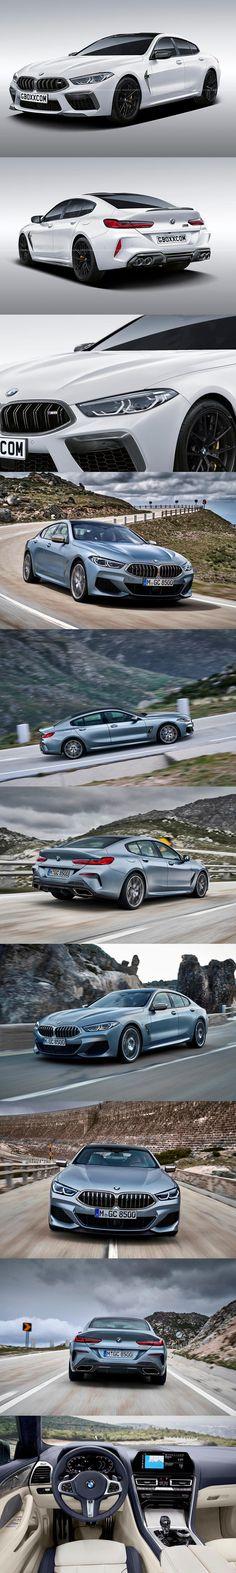 2020 chrysler 100 in 2020  chrysler sedan fuel efficient